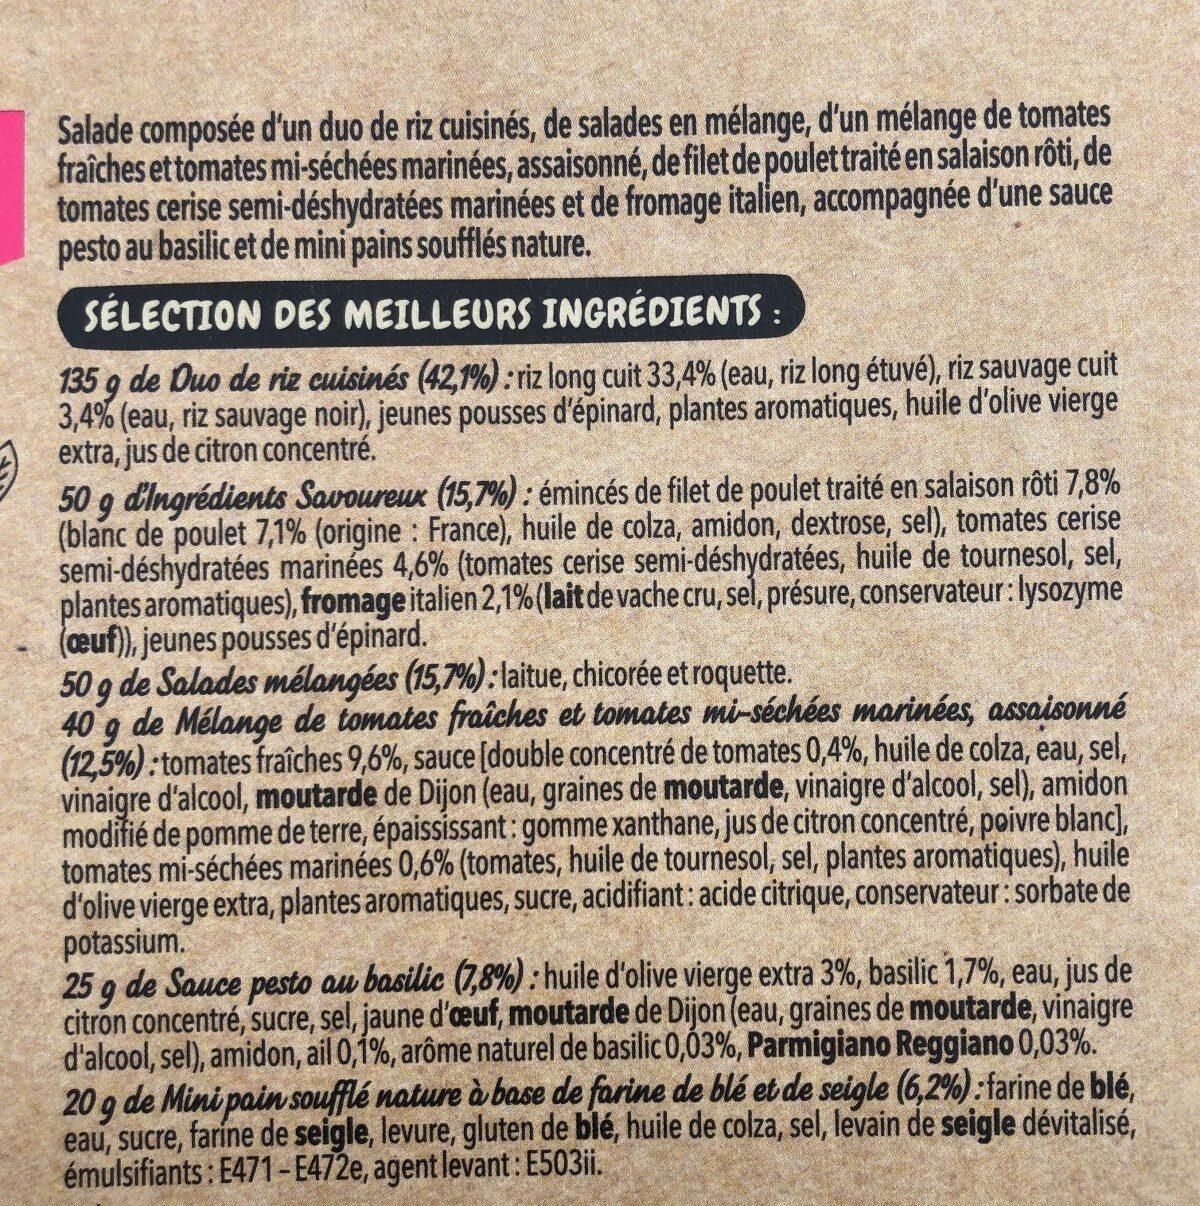 Salade Mezze Duo de riz crudités Poulet rôti, 320g - Ingrédients - fr